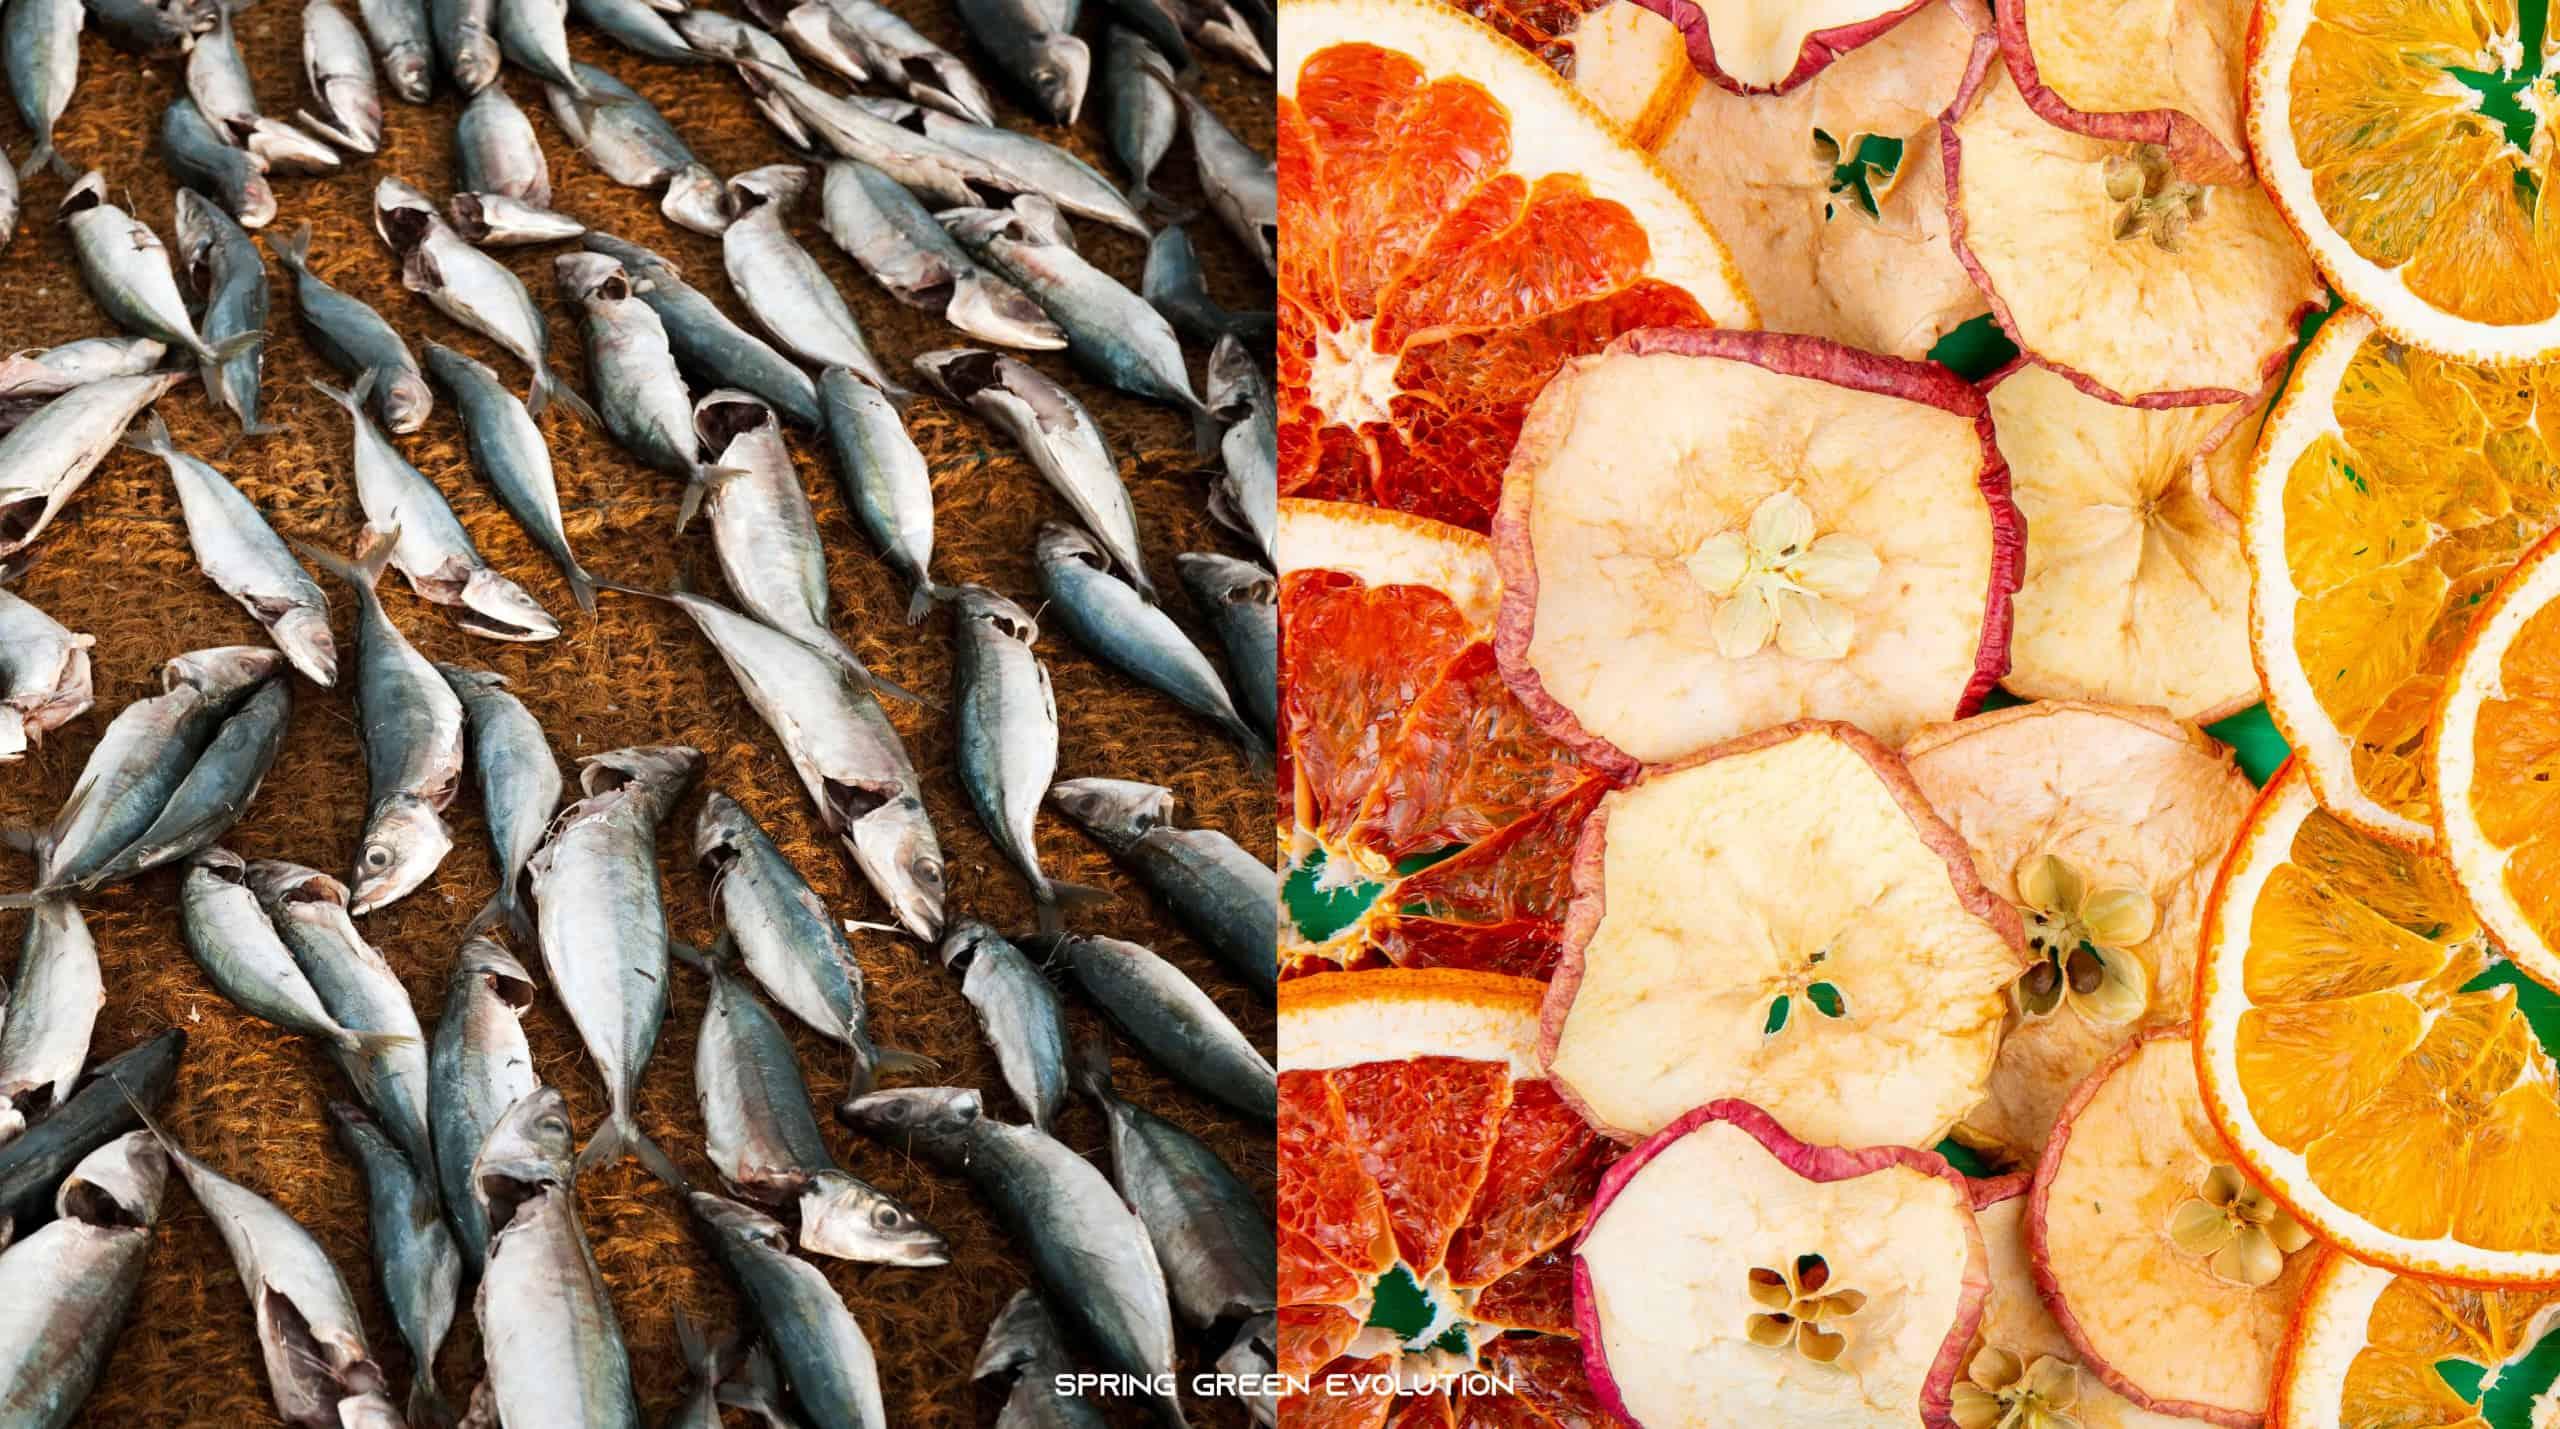 201118-Content-หลักการถนอมอาหารและเมนูถนอมอาหาร-04